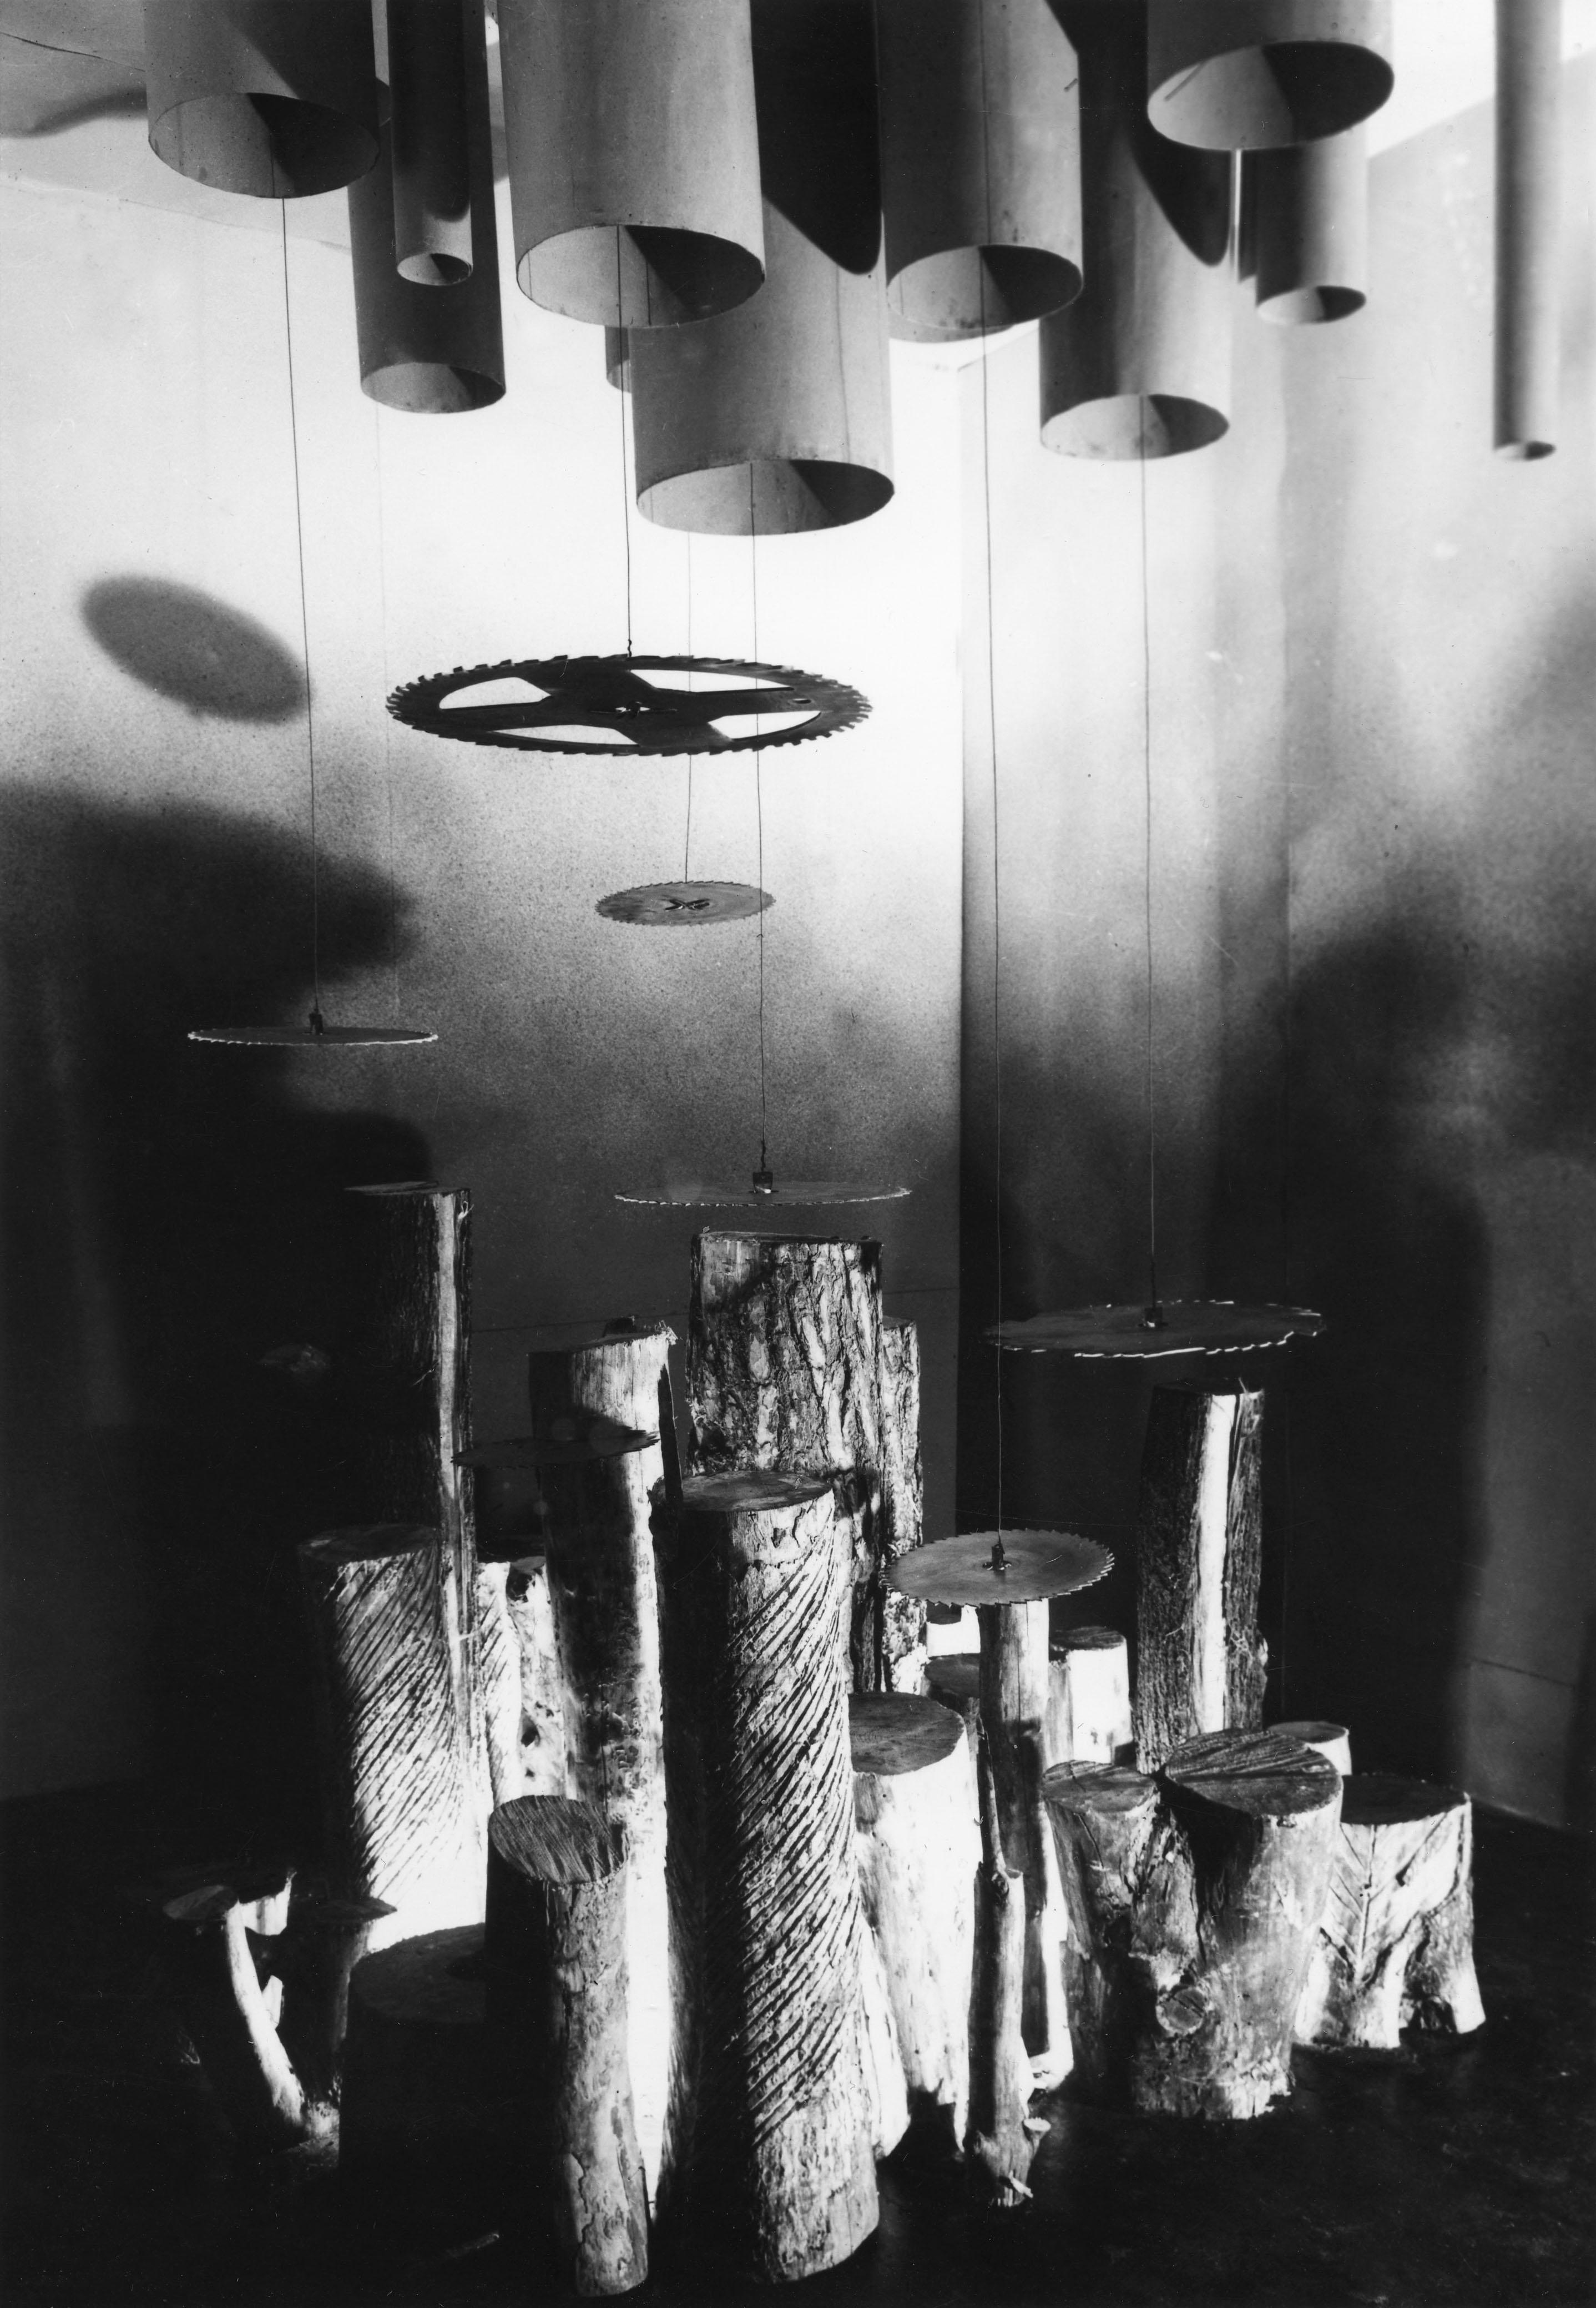 Widok instalacji Aranżacja przestrzenna Tadeusza Dobosza wramach wystawy Przestrzeń iwyraz, III Sympozjum Złotego Grona, 1967 rok. Fot.Bronisław Bugiel, 1967. Dzięki uprzejmości Muzeum Ziemi Lubuskiej wZielonej Górze